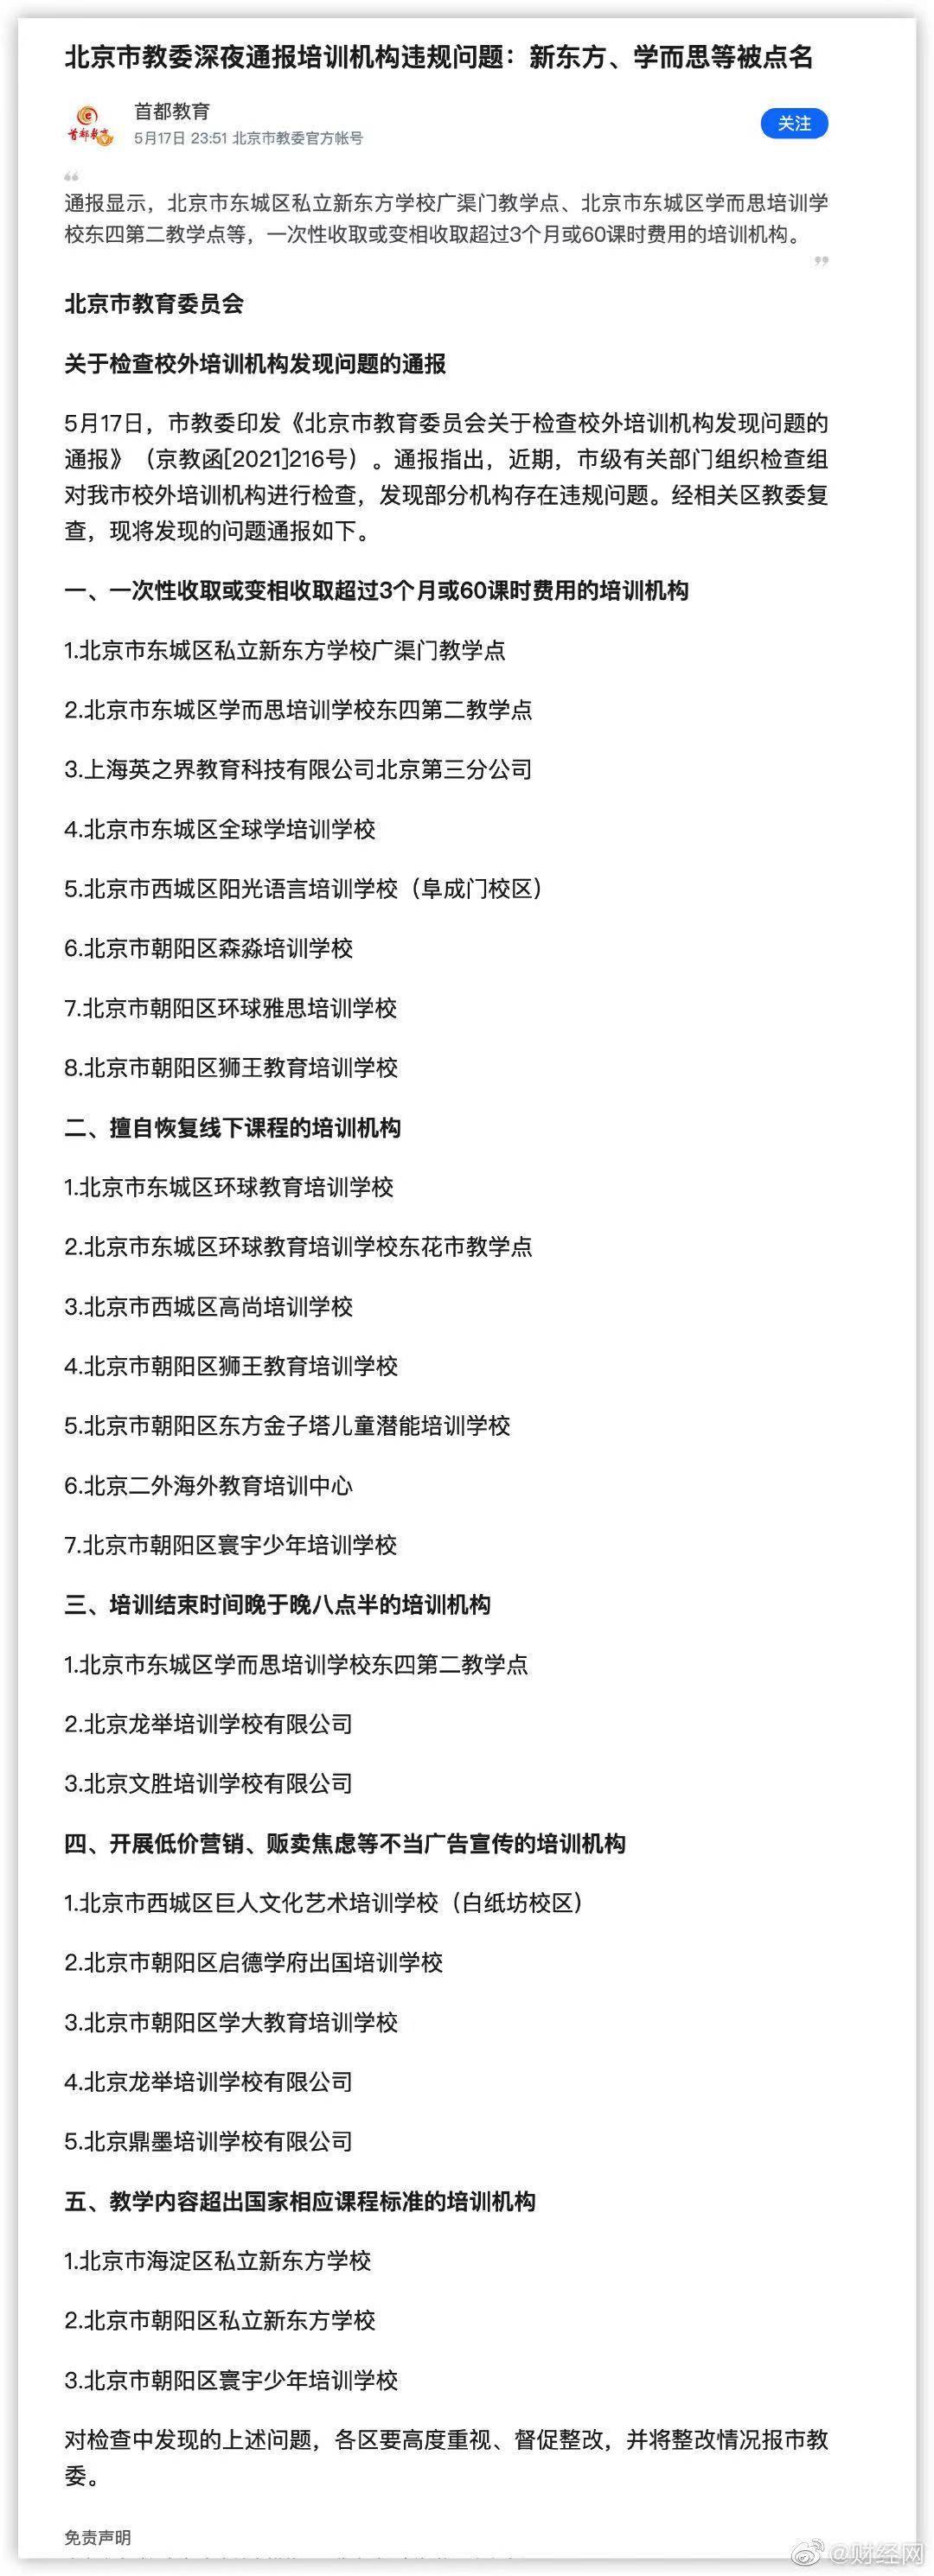 北京市教委通报培训机构违规问题:新东方、学而思等被点名